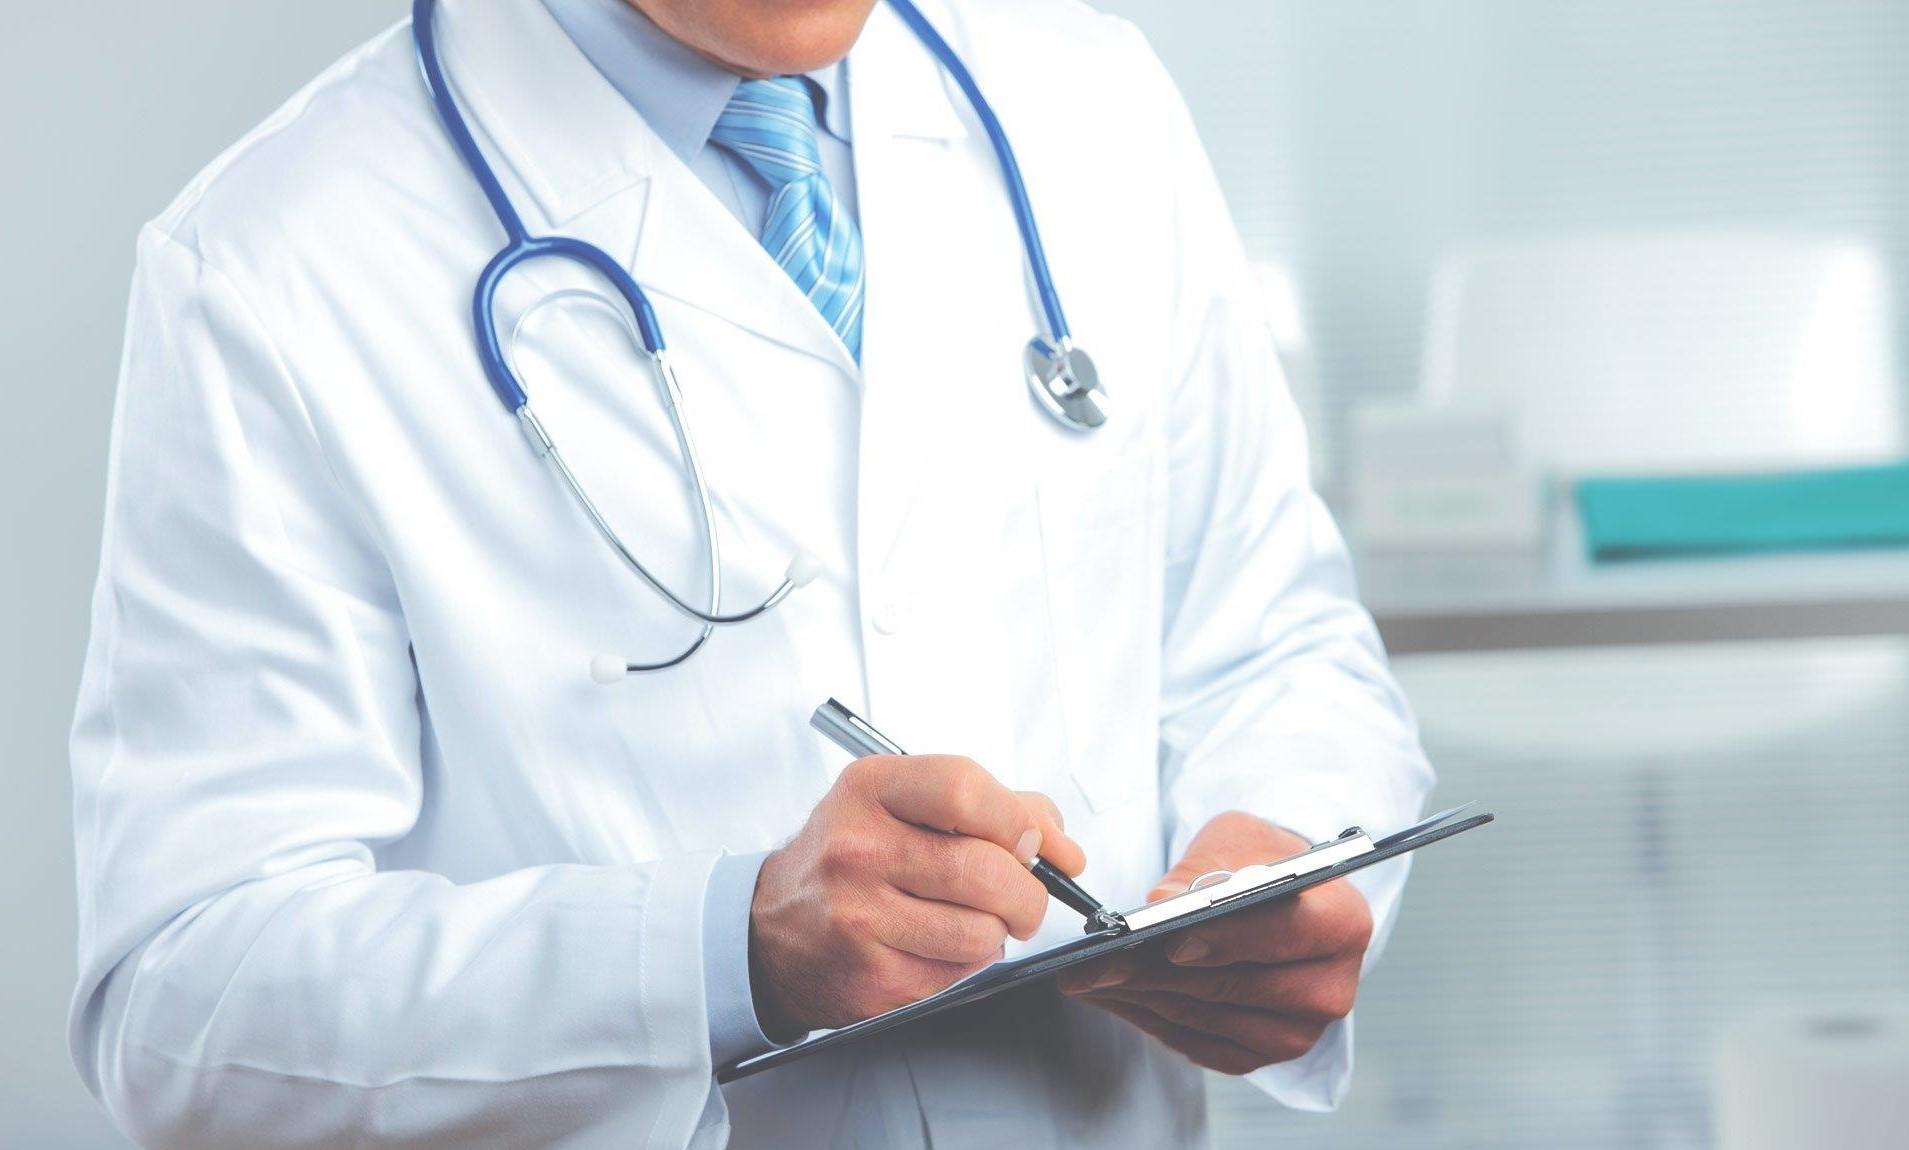 В Алтайском крае не хватает 2,5 тысячи врачей